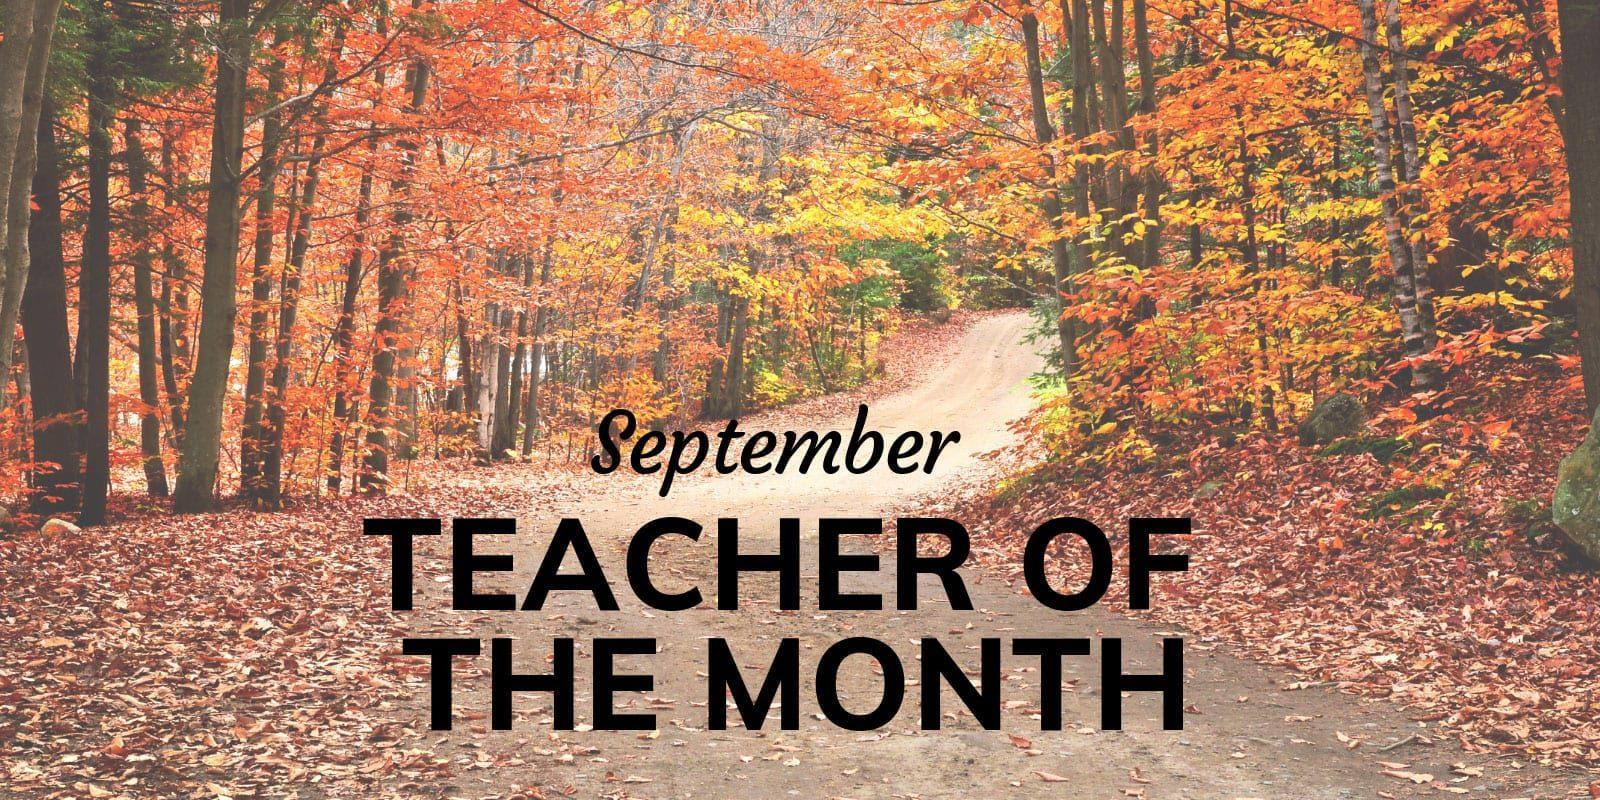 Little Sunshine's Playhouse Teacher of the Month September